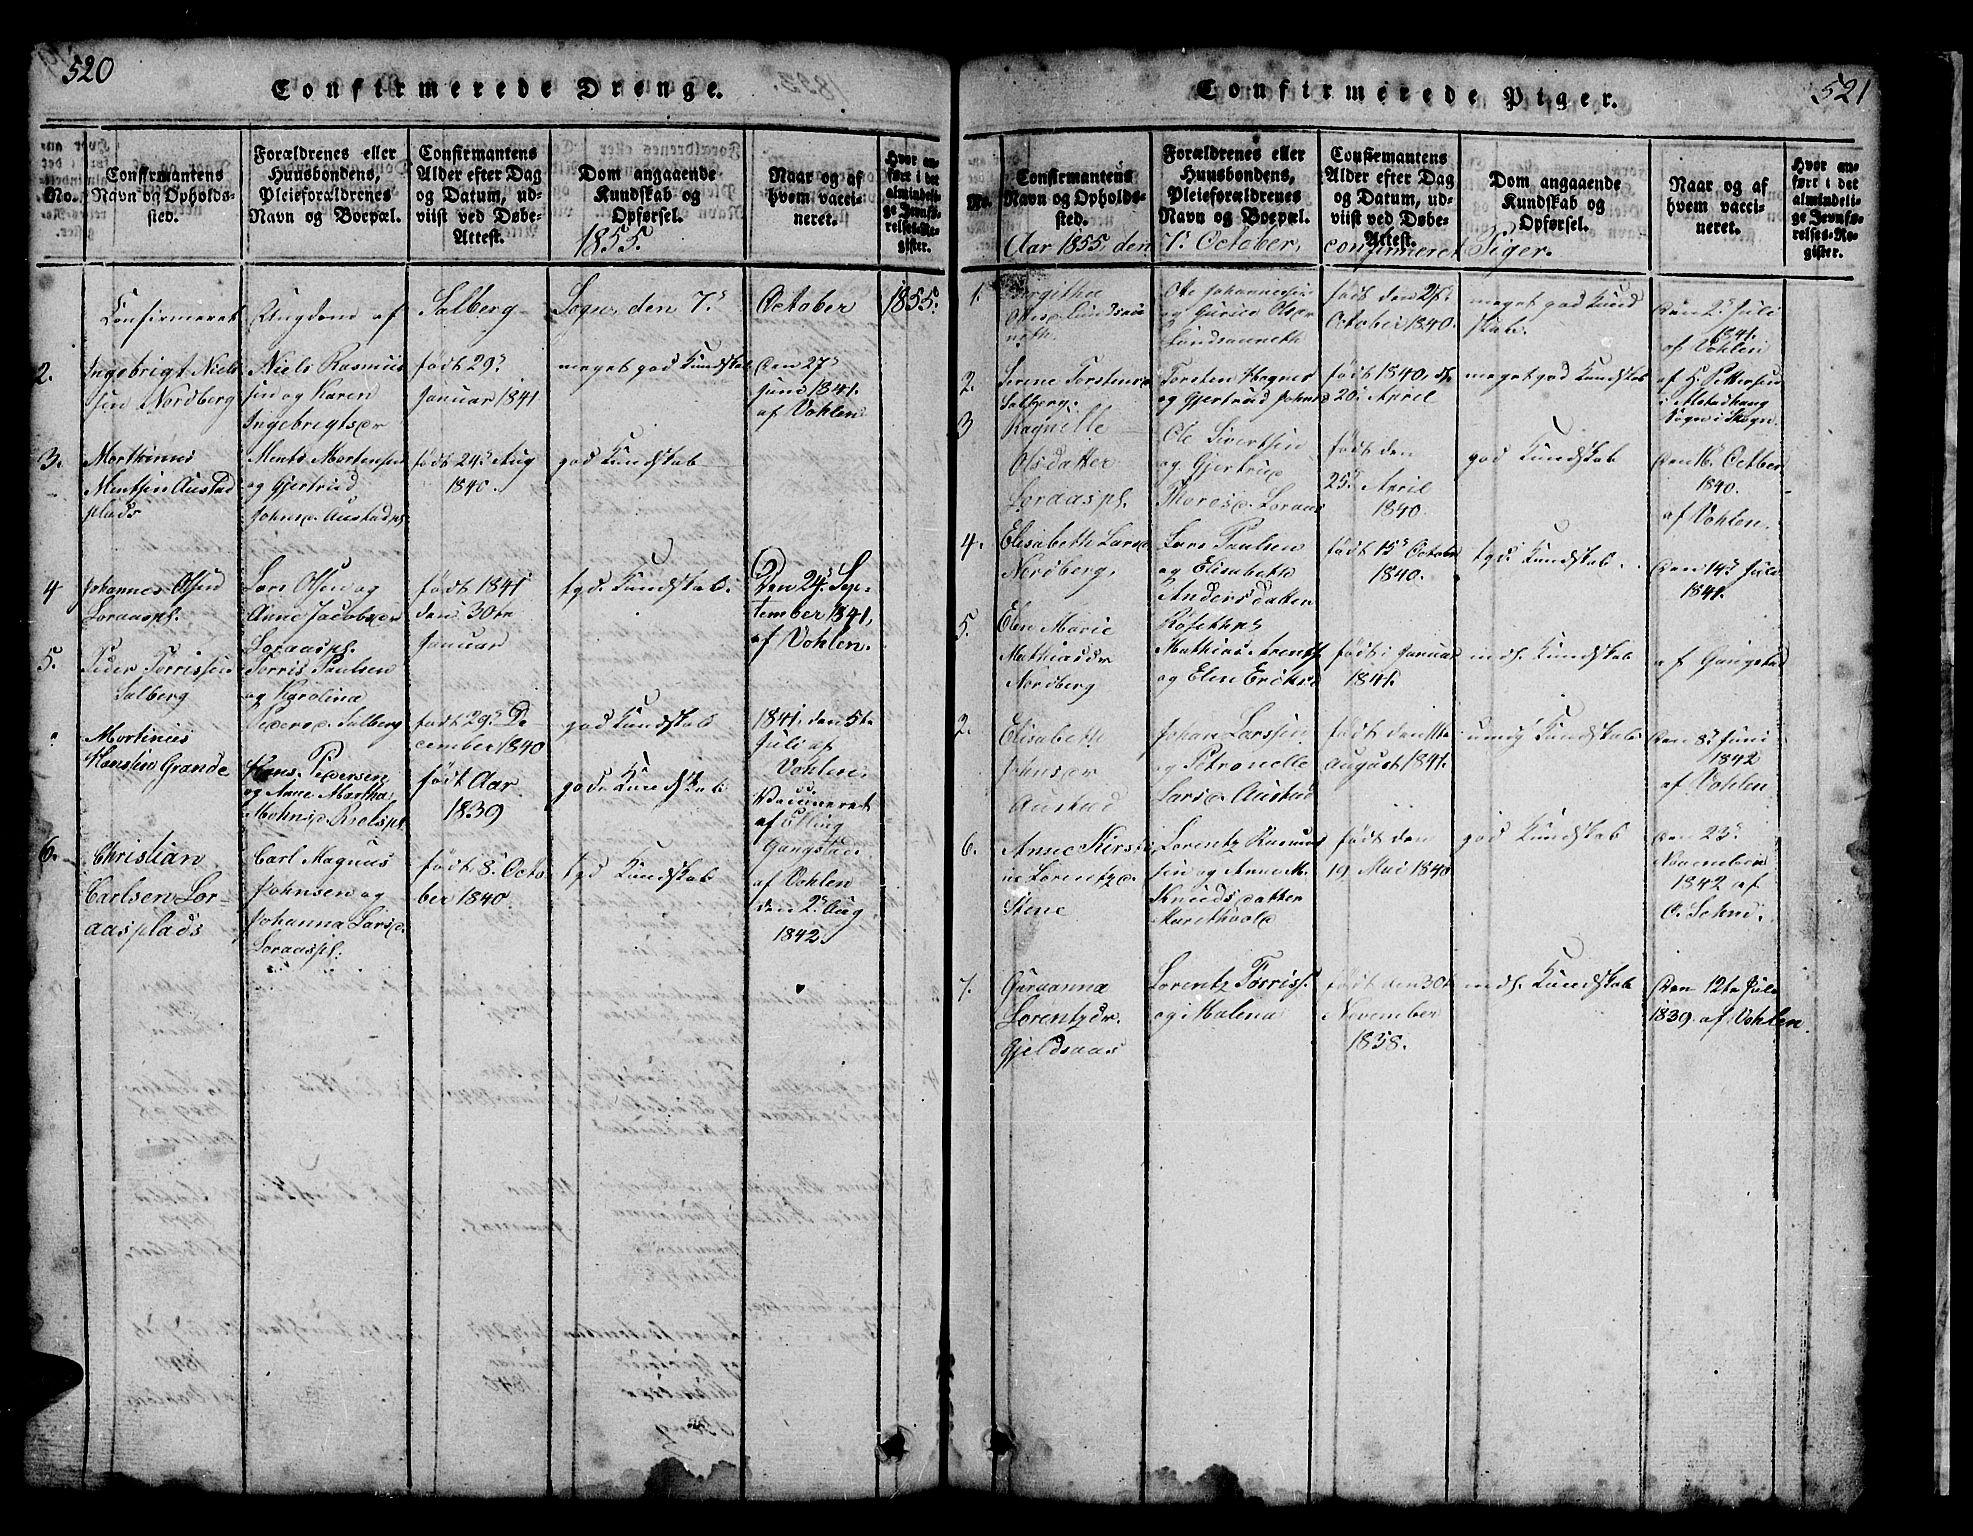 SAT, Ministerialprotokoller, klokkerbøker og fødselsregistre - Nord-Trøndelag, 731/L0310: Klokkerbok nr. 731C01, 1816-1874, s. 520-521